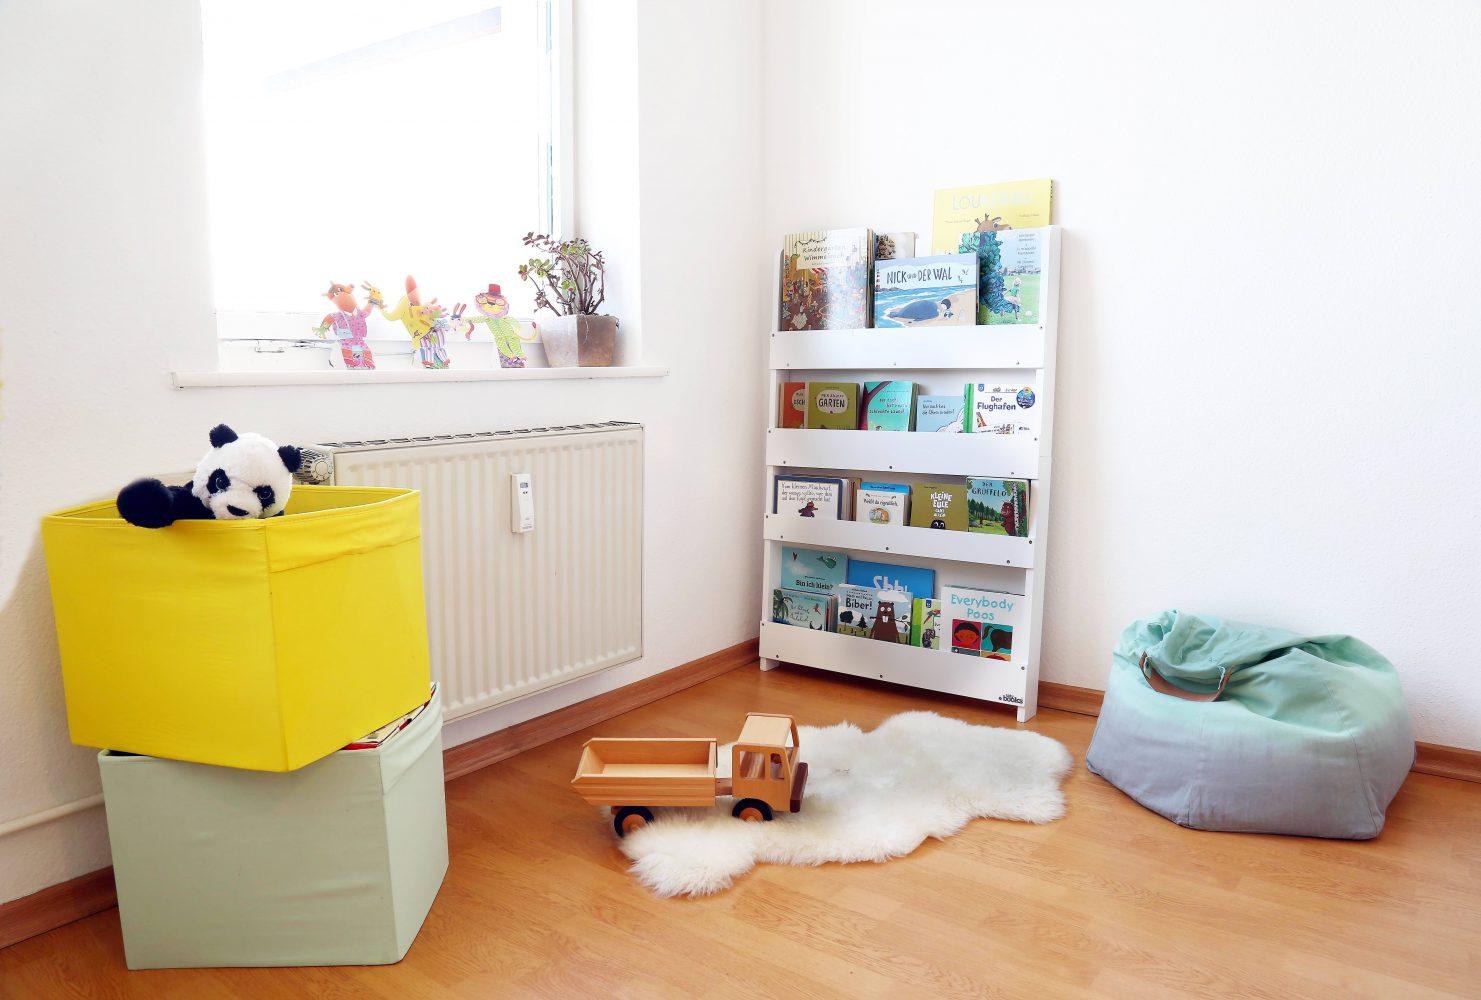 Full Size of Bücherregal Kinderzimmer Ein Kleines Make Over Littleyears Regal Sofa Weiß Regale Kinderzimmer Bücherregal Kinderzimmer